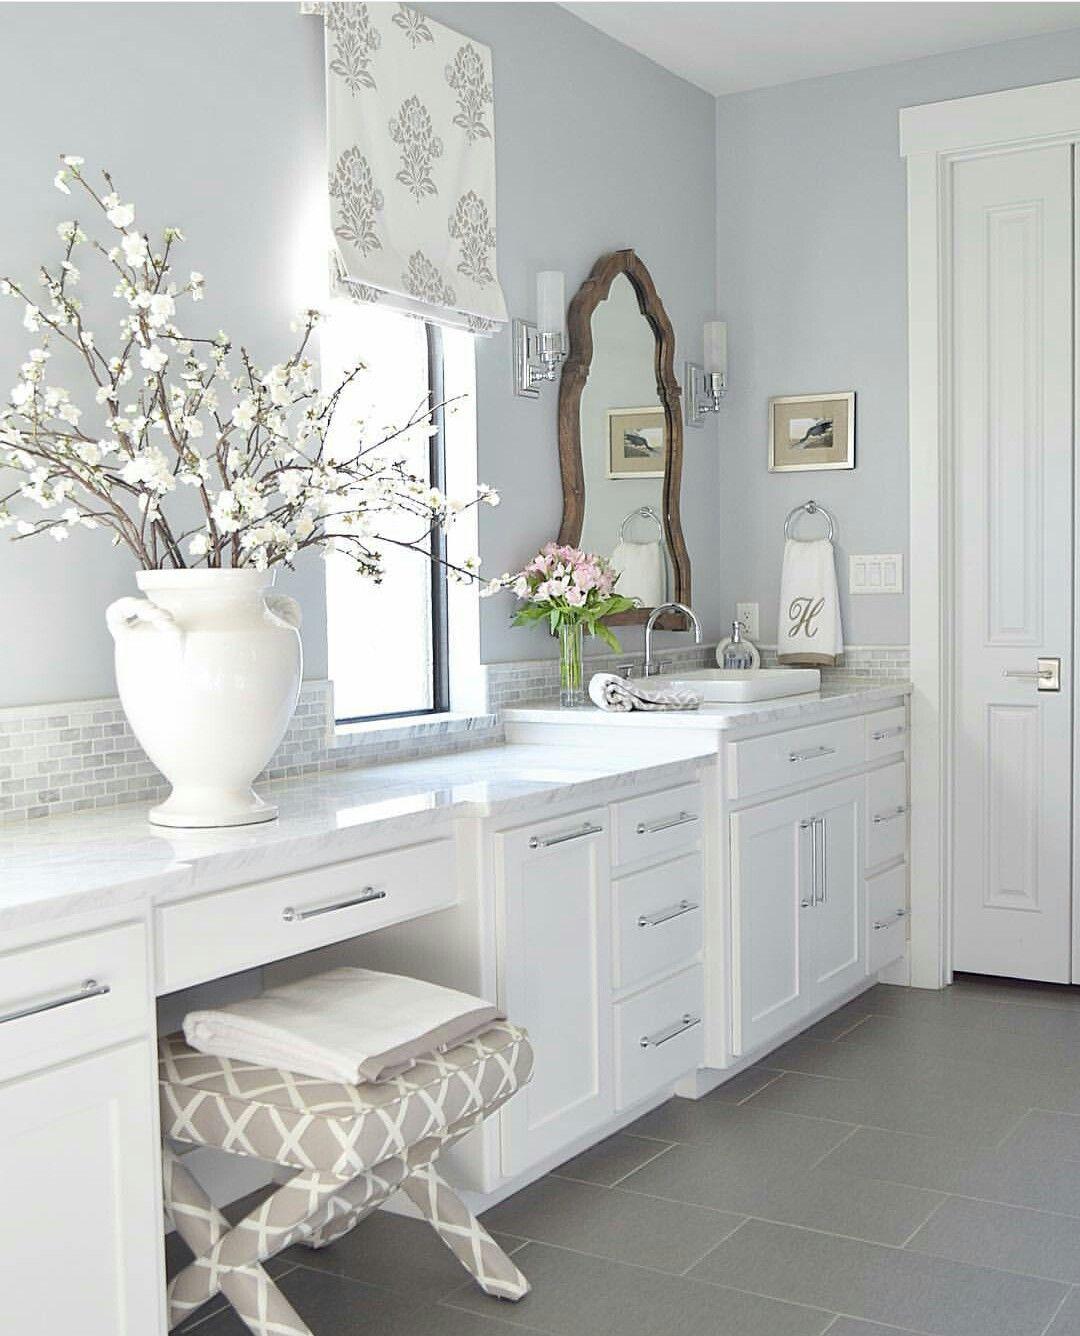 Bedroom Interior Design264ideas Bathroom Remodel Master White Bathroom Cabinets Bathrooms Remodel